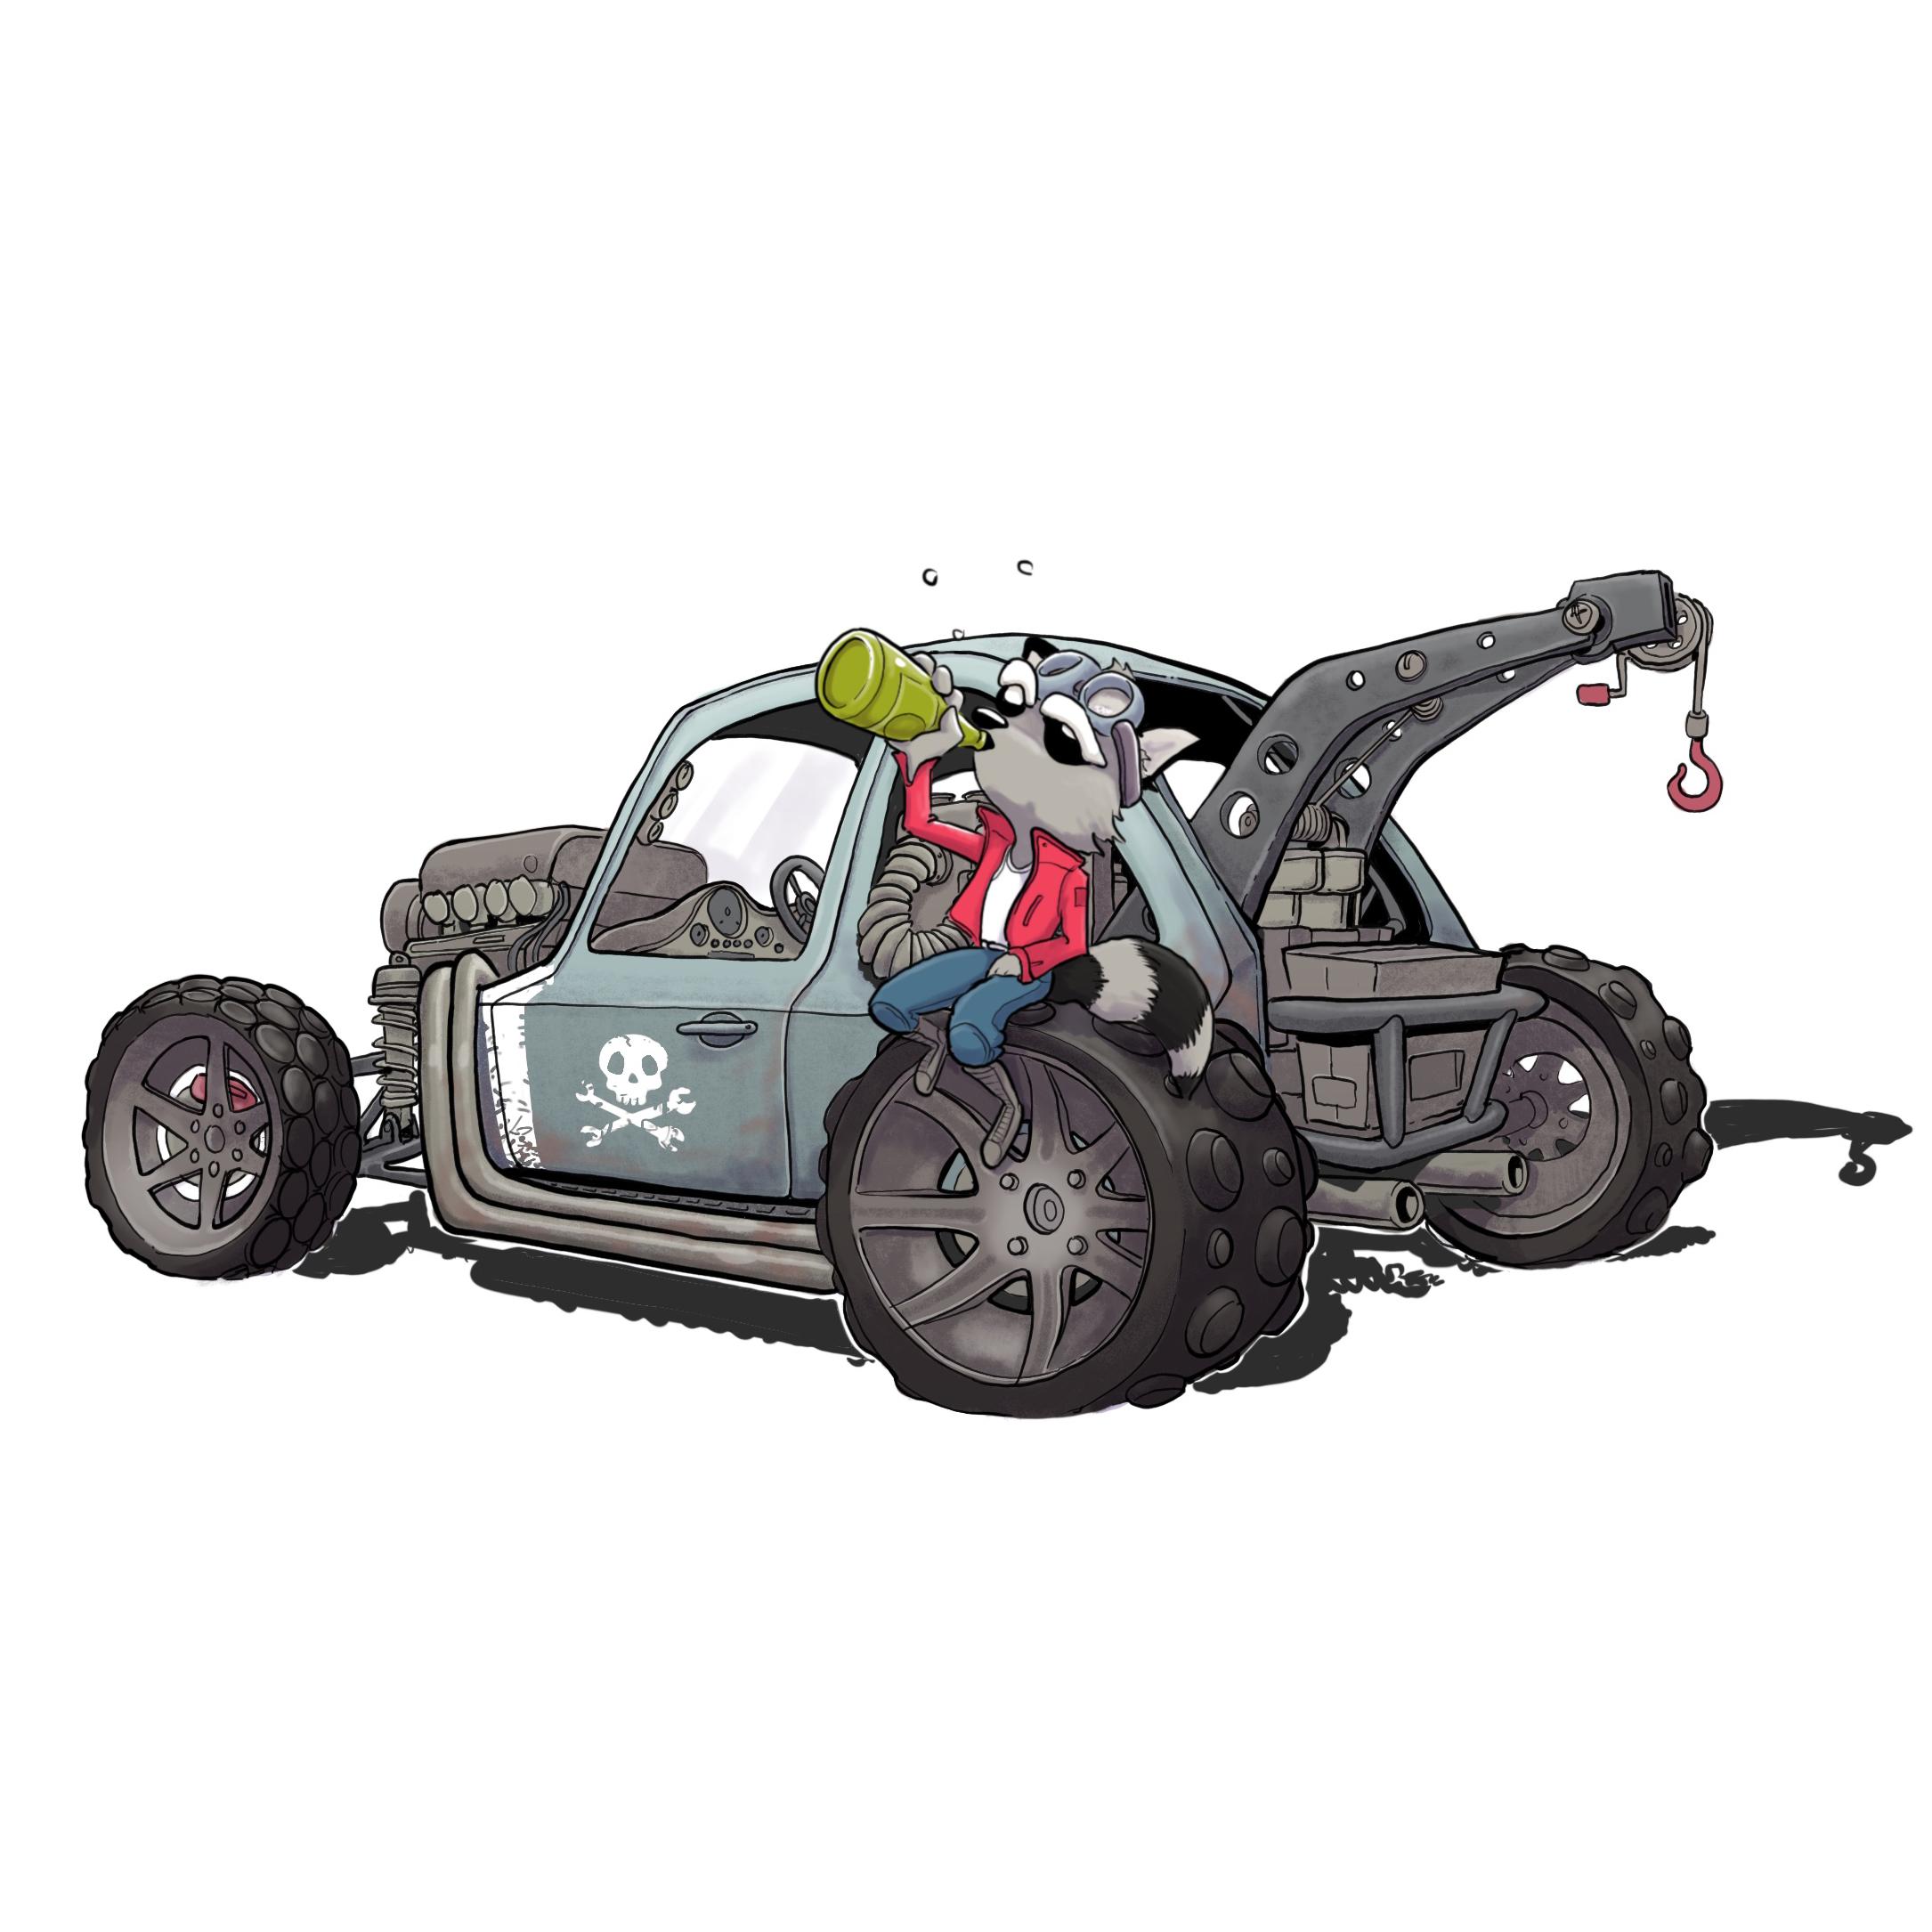 Hot Rod Raccoon.jpg